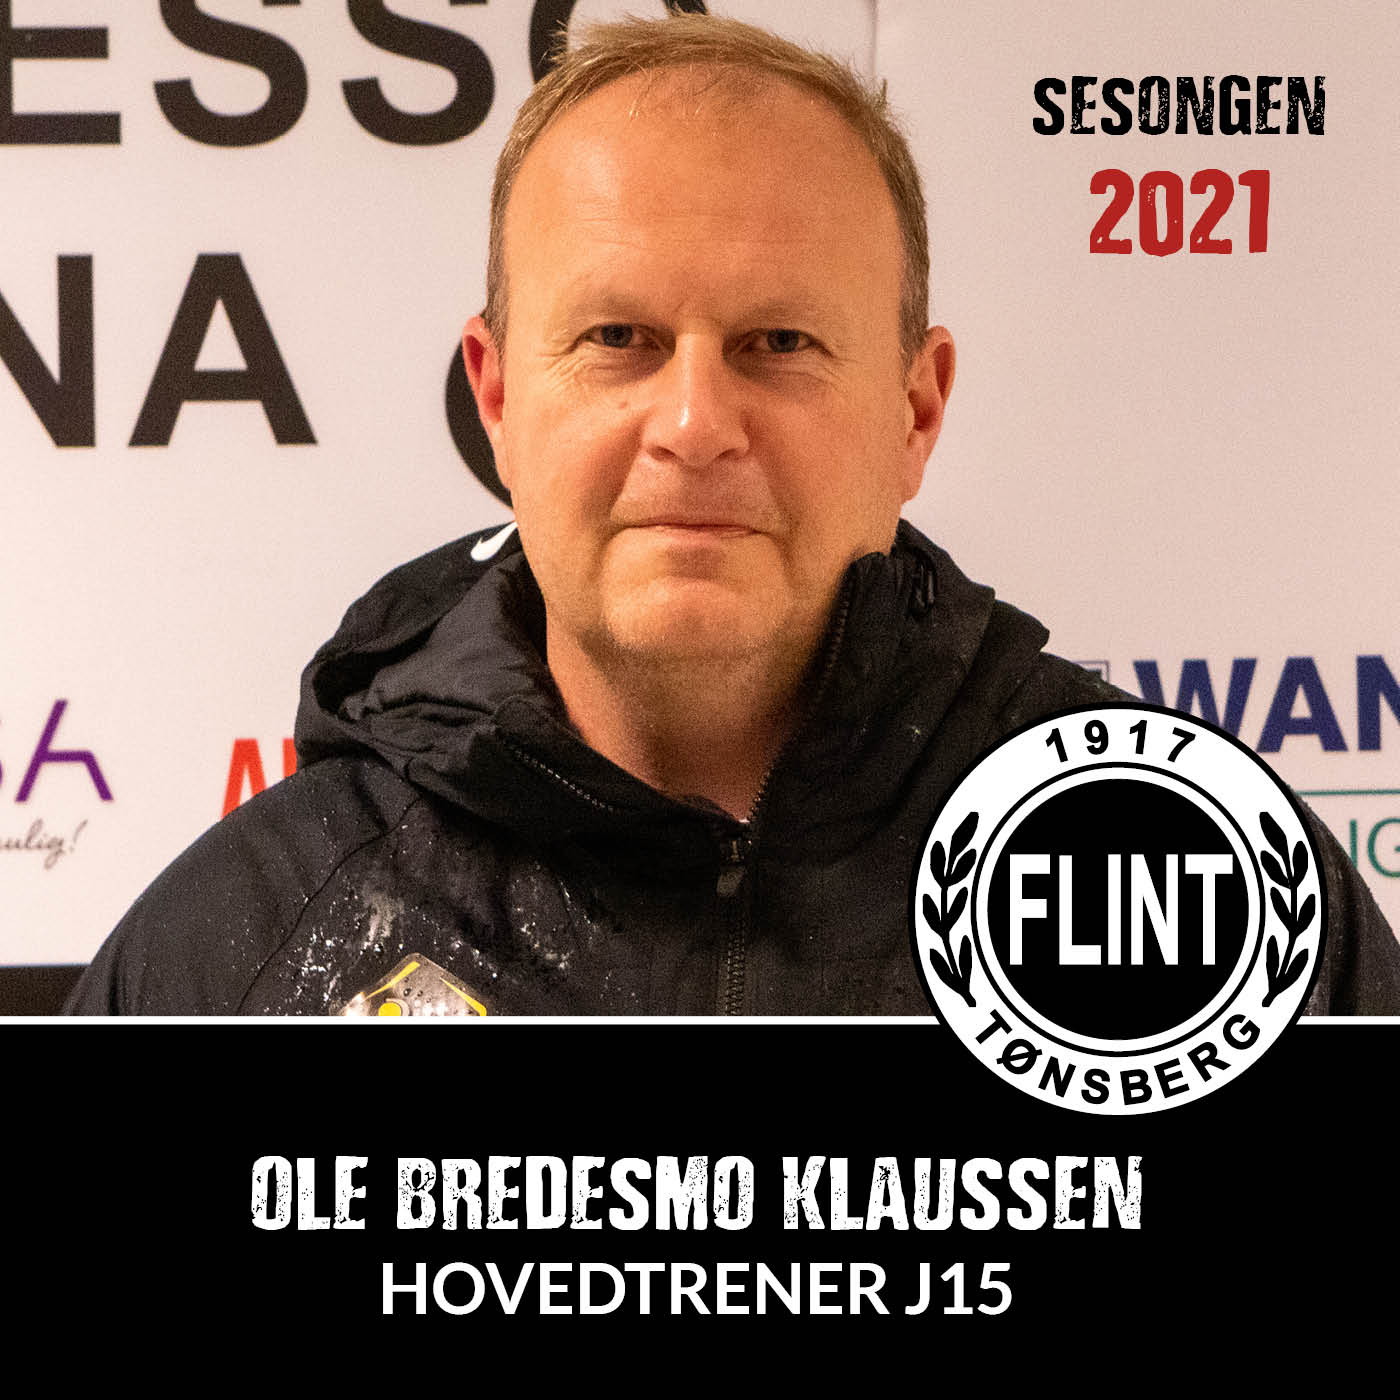 https://www.flintfotball.no/wp-content/uploads/2021/02/Trener-Ole-Bredesmo-Klaussen.jpg